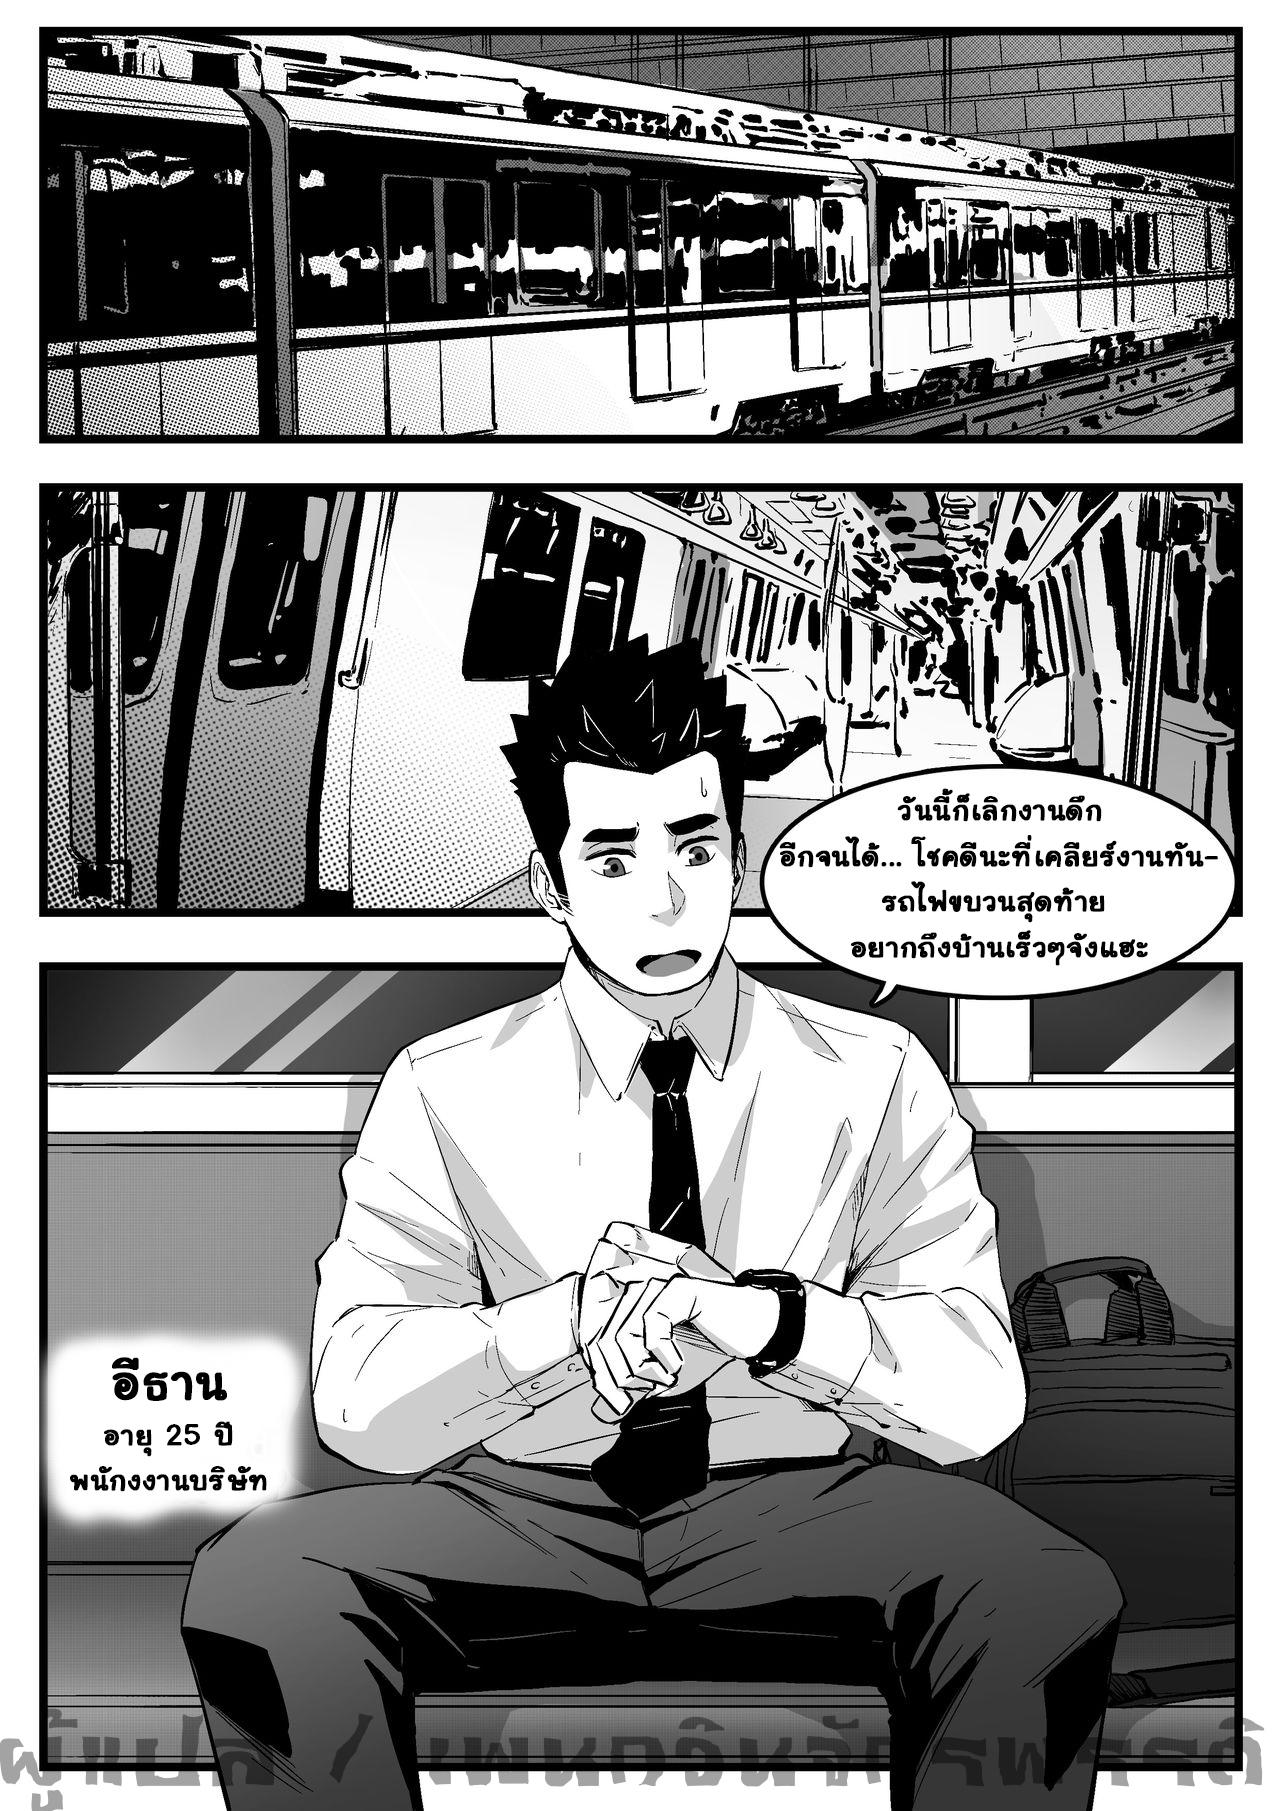 โดนเล่นกลางรถไฟ-2